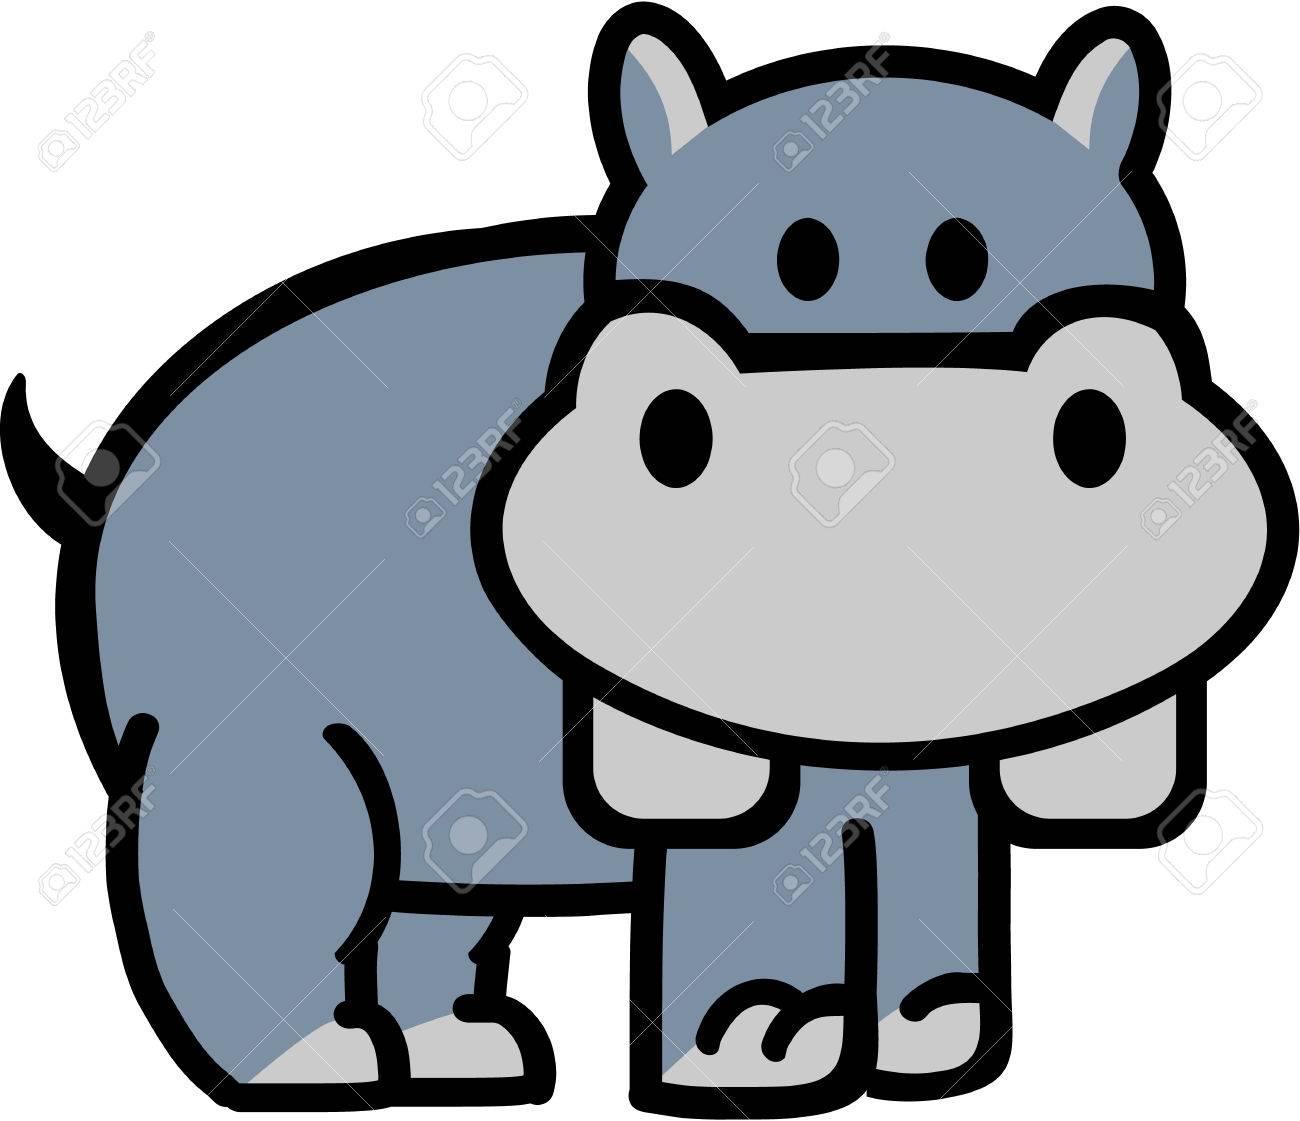 cute cartoon hippo royalty free cliparts vectors and stock rh 123rf com funny hippo cartoon pictures funny hippo cartoon pictures